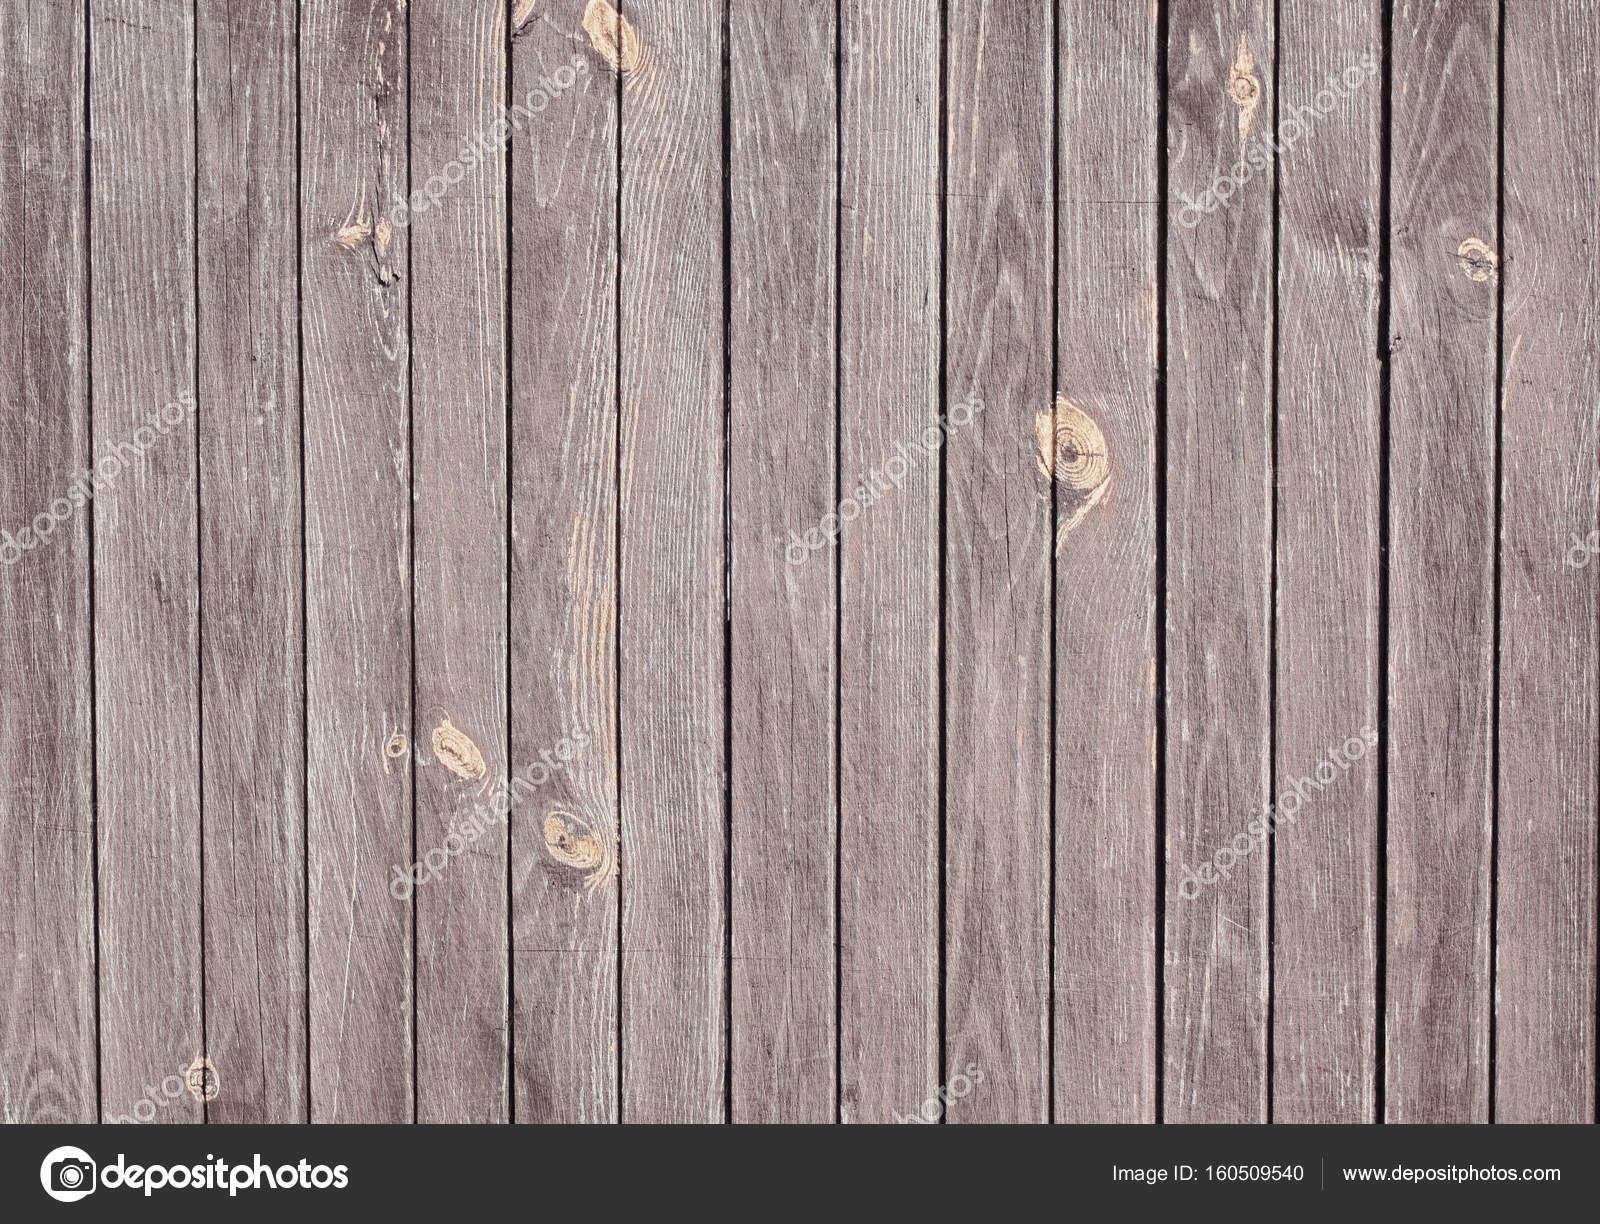 Doghe In Legno Per Pareti : Struttura in legno scuro con piano a doghe verticali tavolo